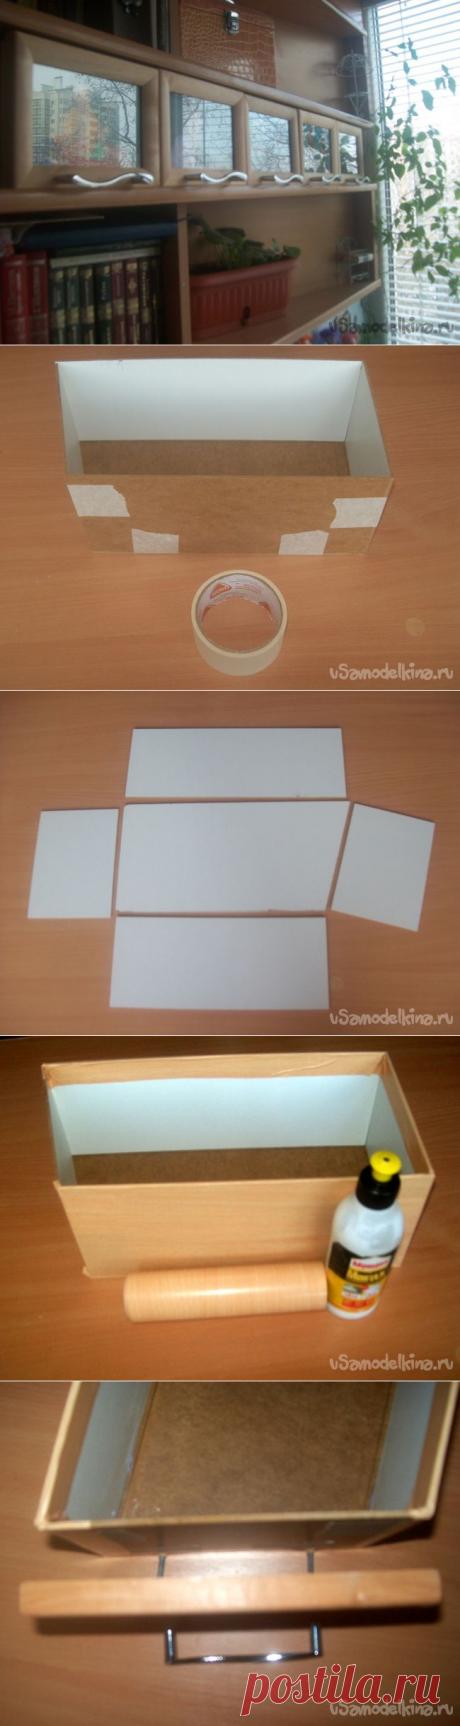 Коробочки для шитья (Diy) / Организованное хранение / ВТОРАЯ УЛИЦА